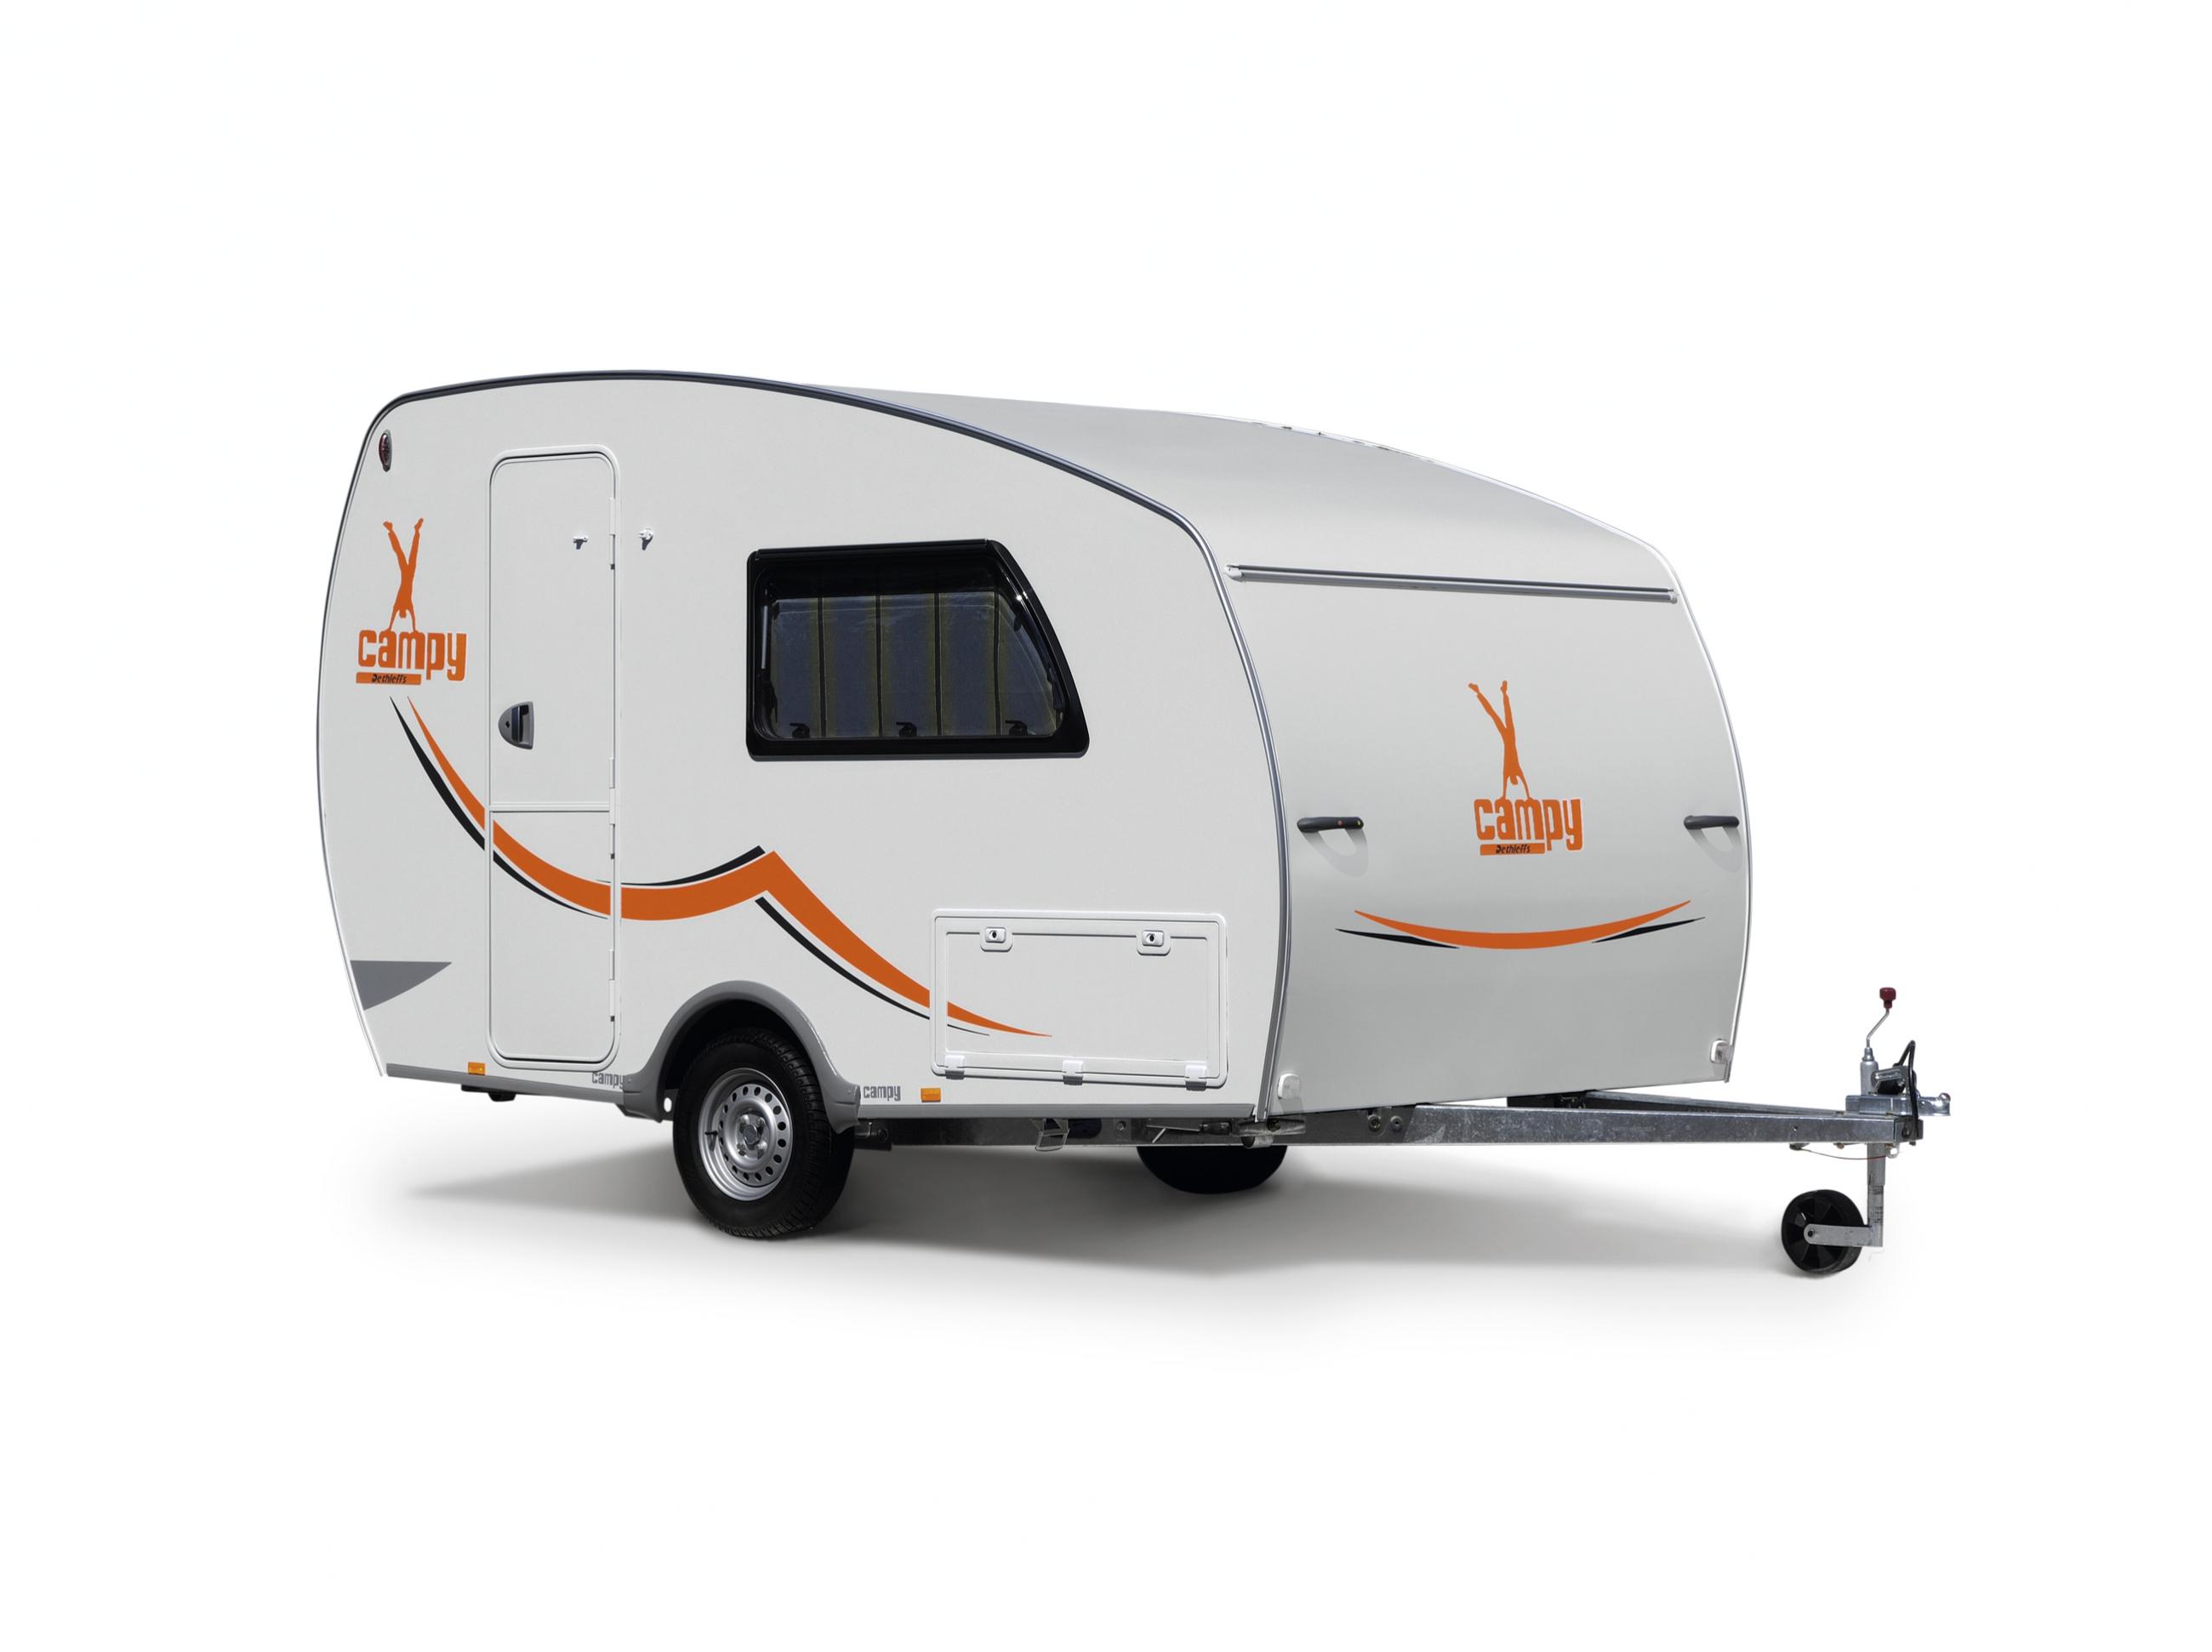 Caravana 5